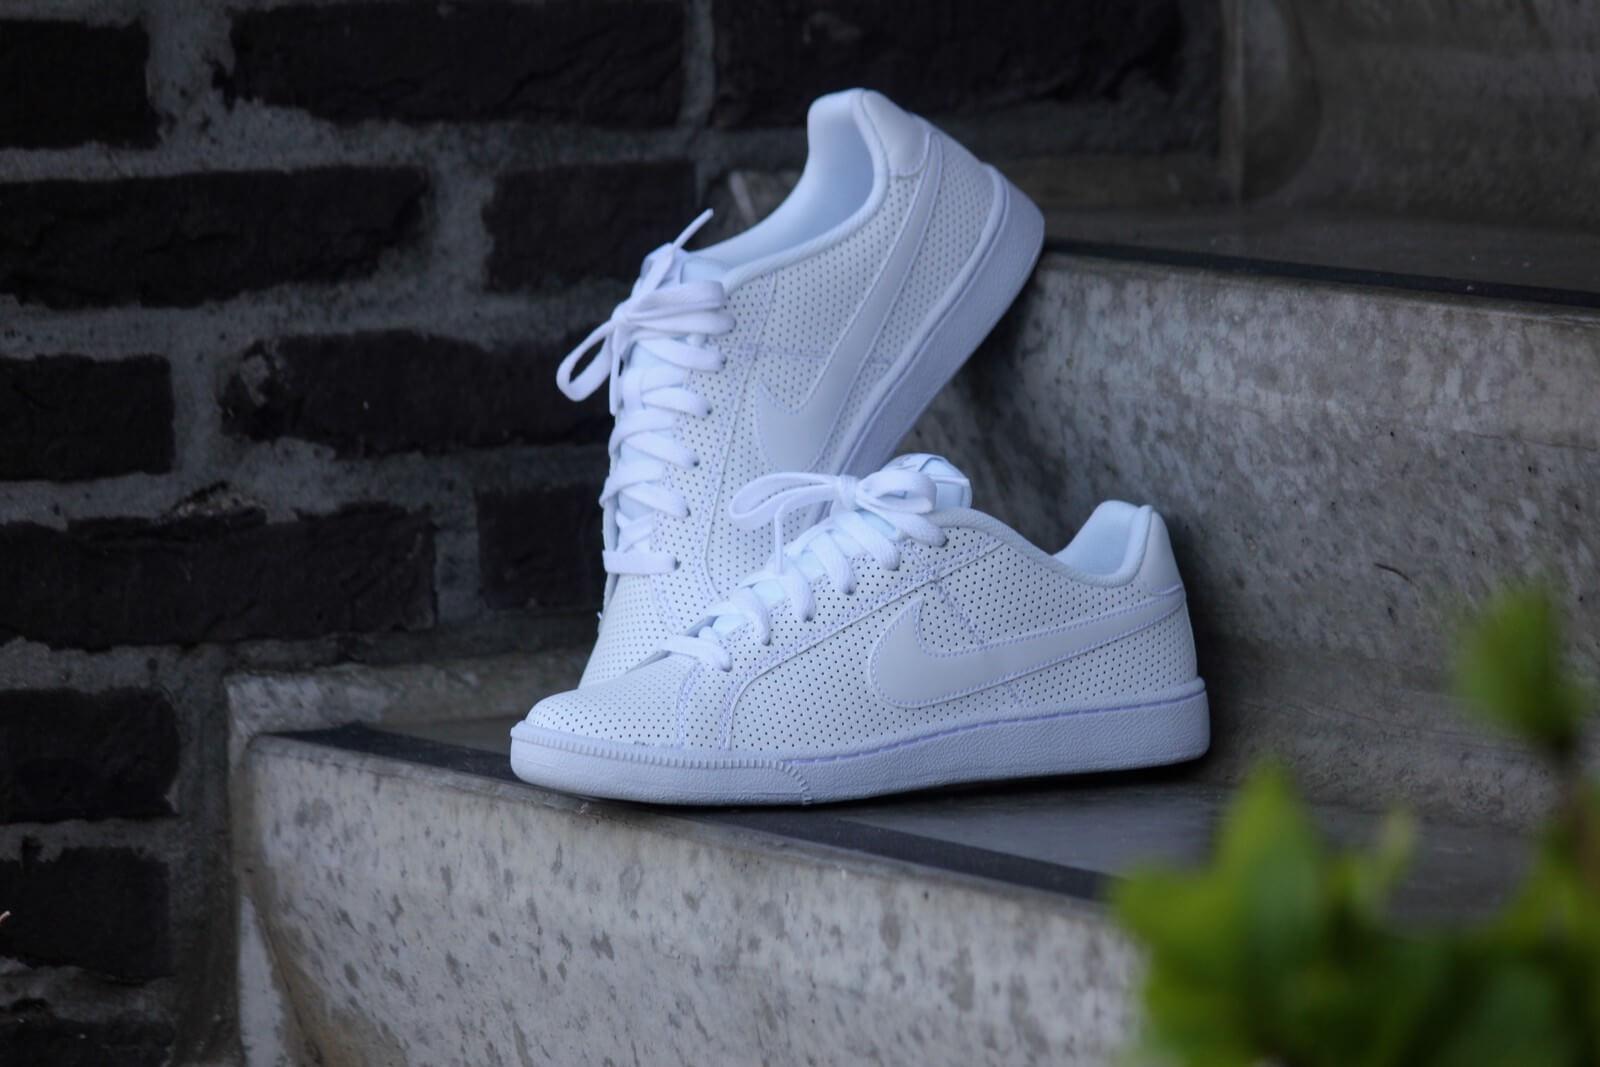 Nike Court Royale PRM Leather White White Metallic Silver